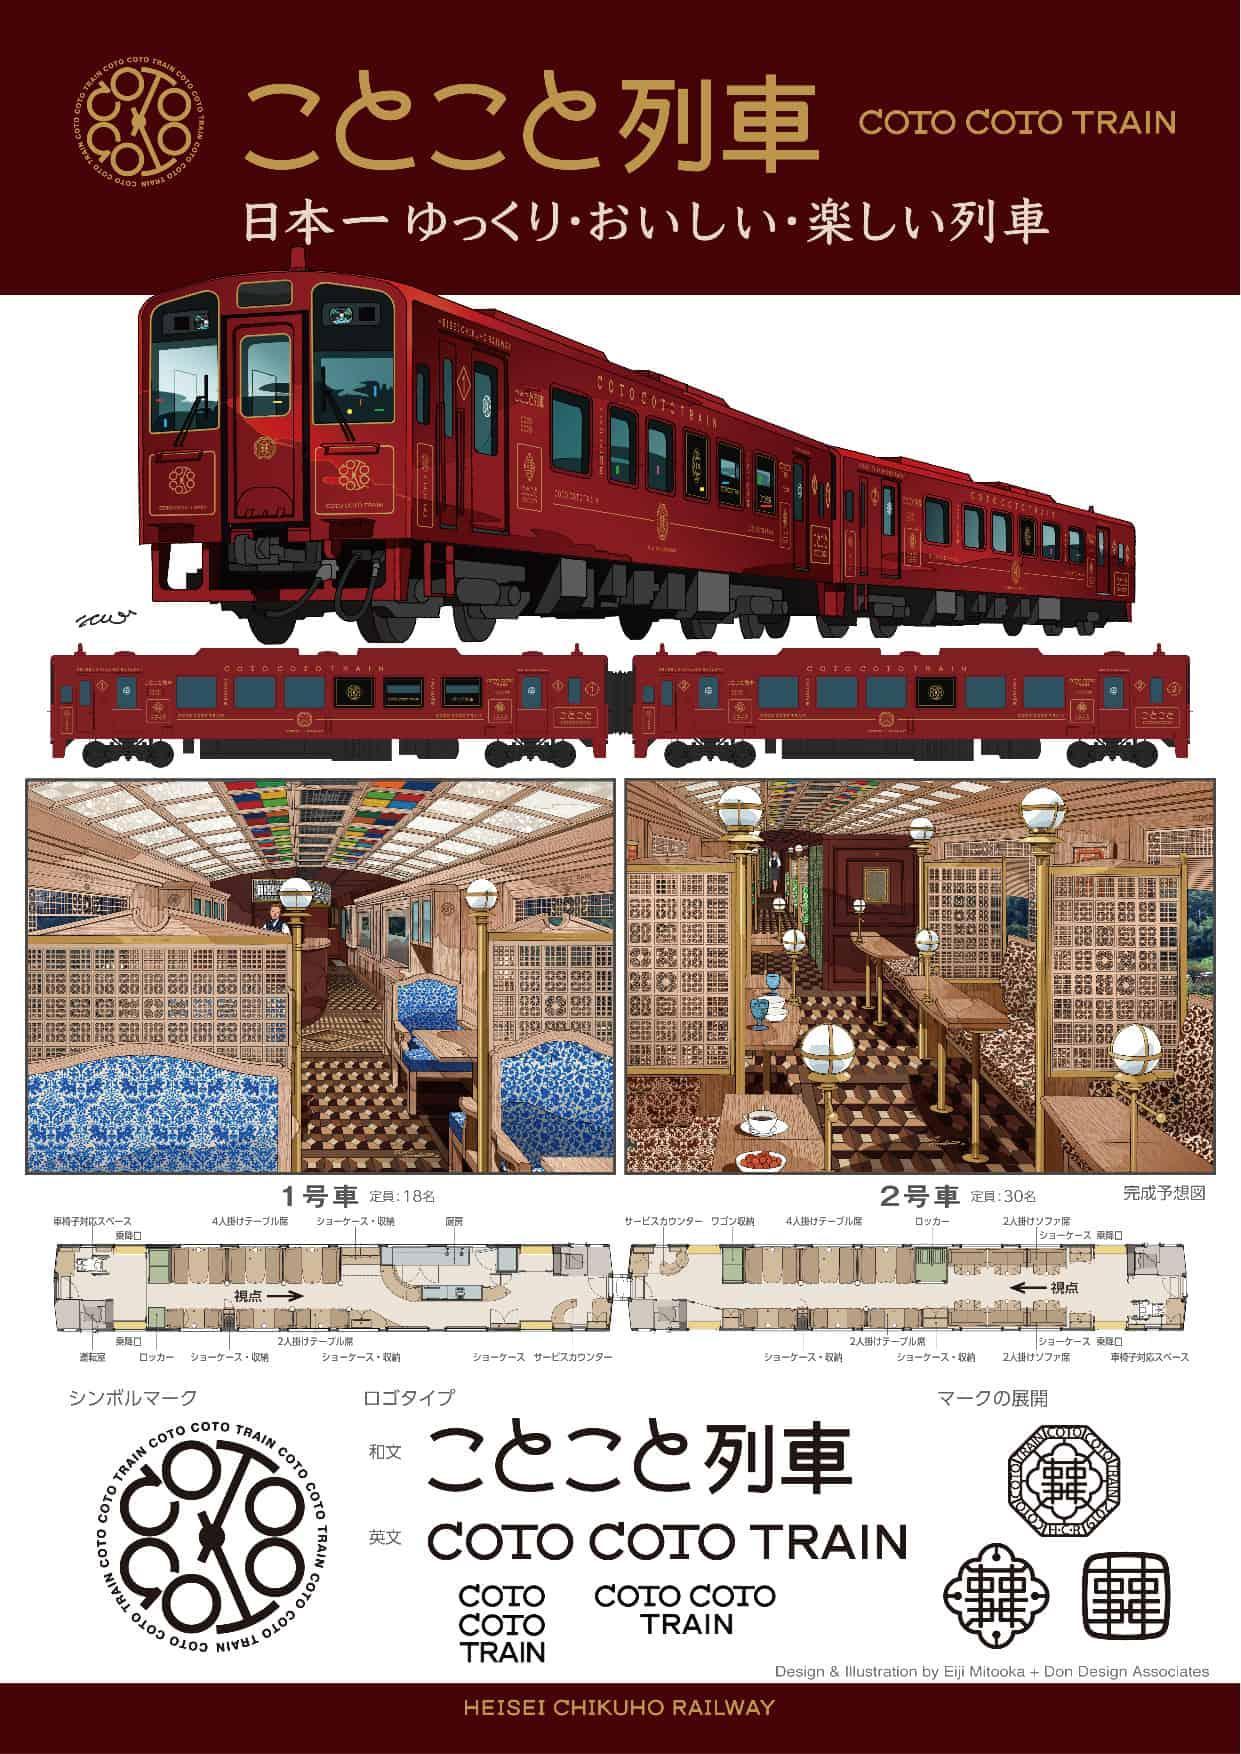 Cotocoto Train